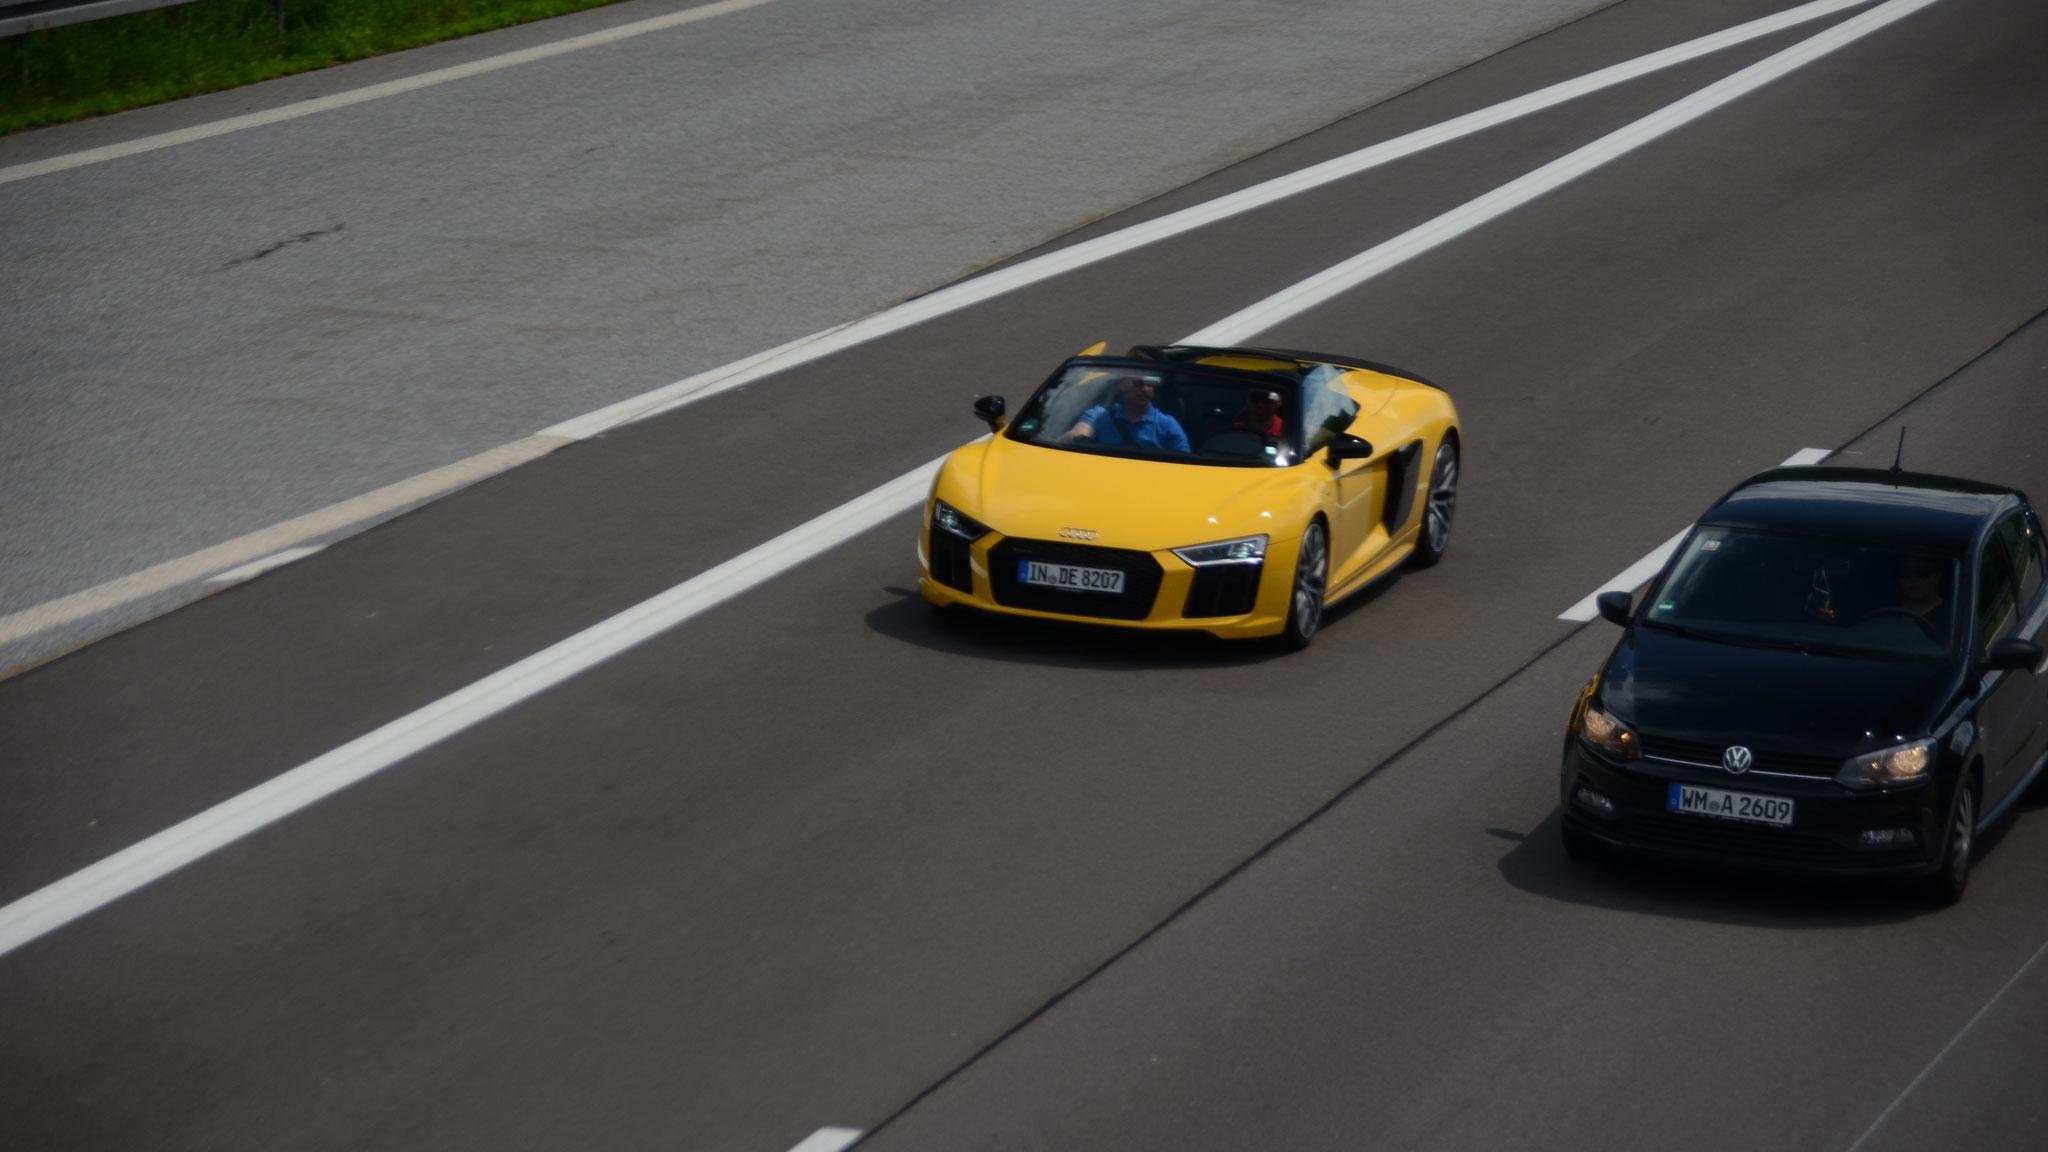 Audi R8 V10 Spyder - IN-DE-8213